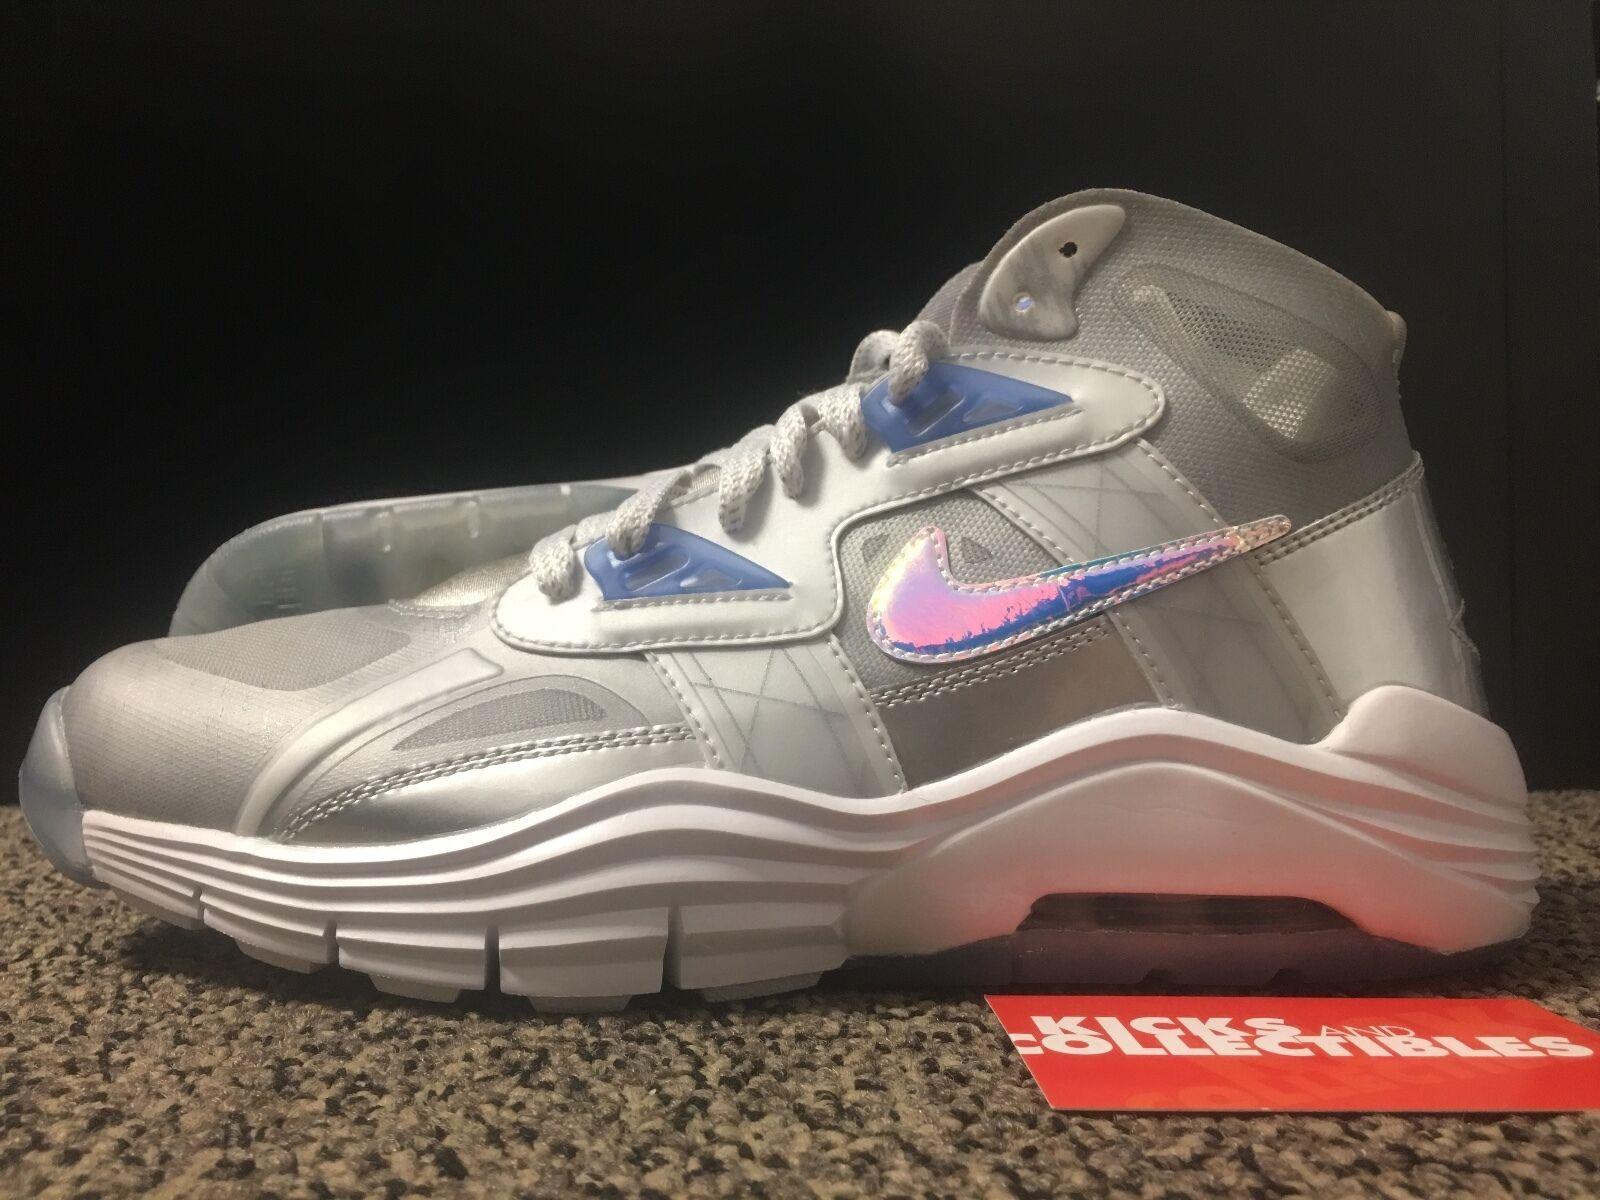 Nike 646797 001 LUNAR 180 TRAINER Sliver SC PRM QS 8.5 Sliver TRAINER Ice Blue SUPERBOWL PACK dda4eb